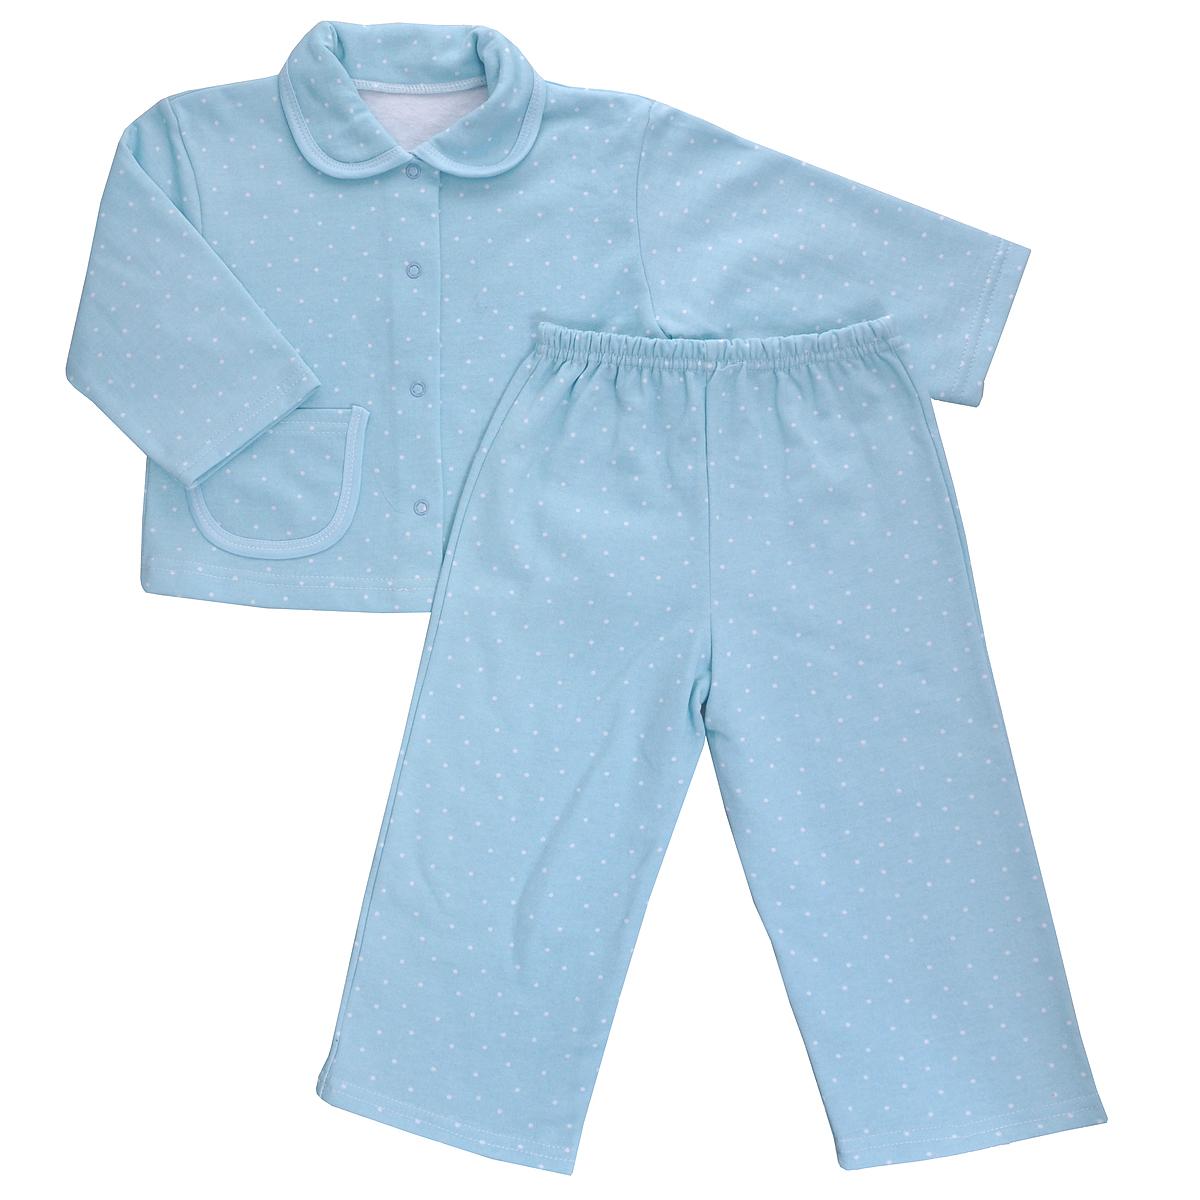 Пижама детская Трон-плюс, цвет: голубой, белый, рисунок горох. 5552. Размер 110/116, 4-8 лет